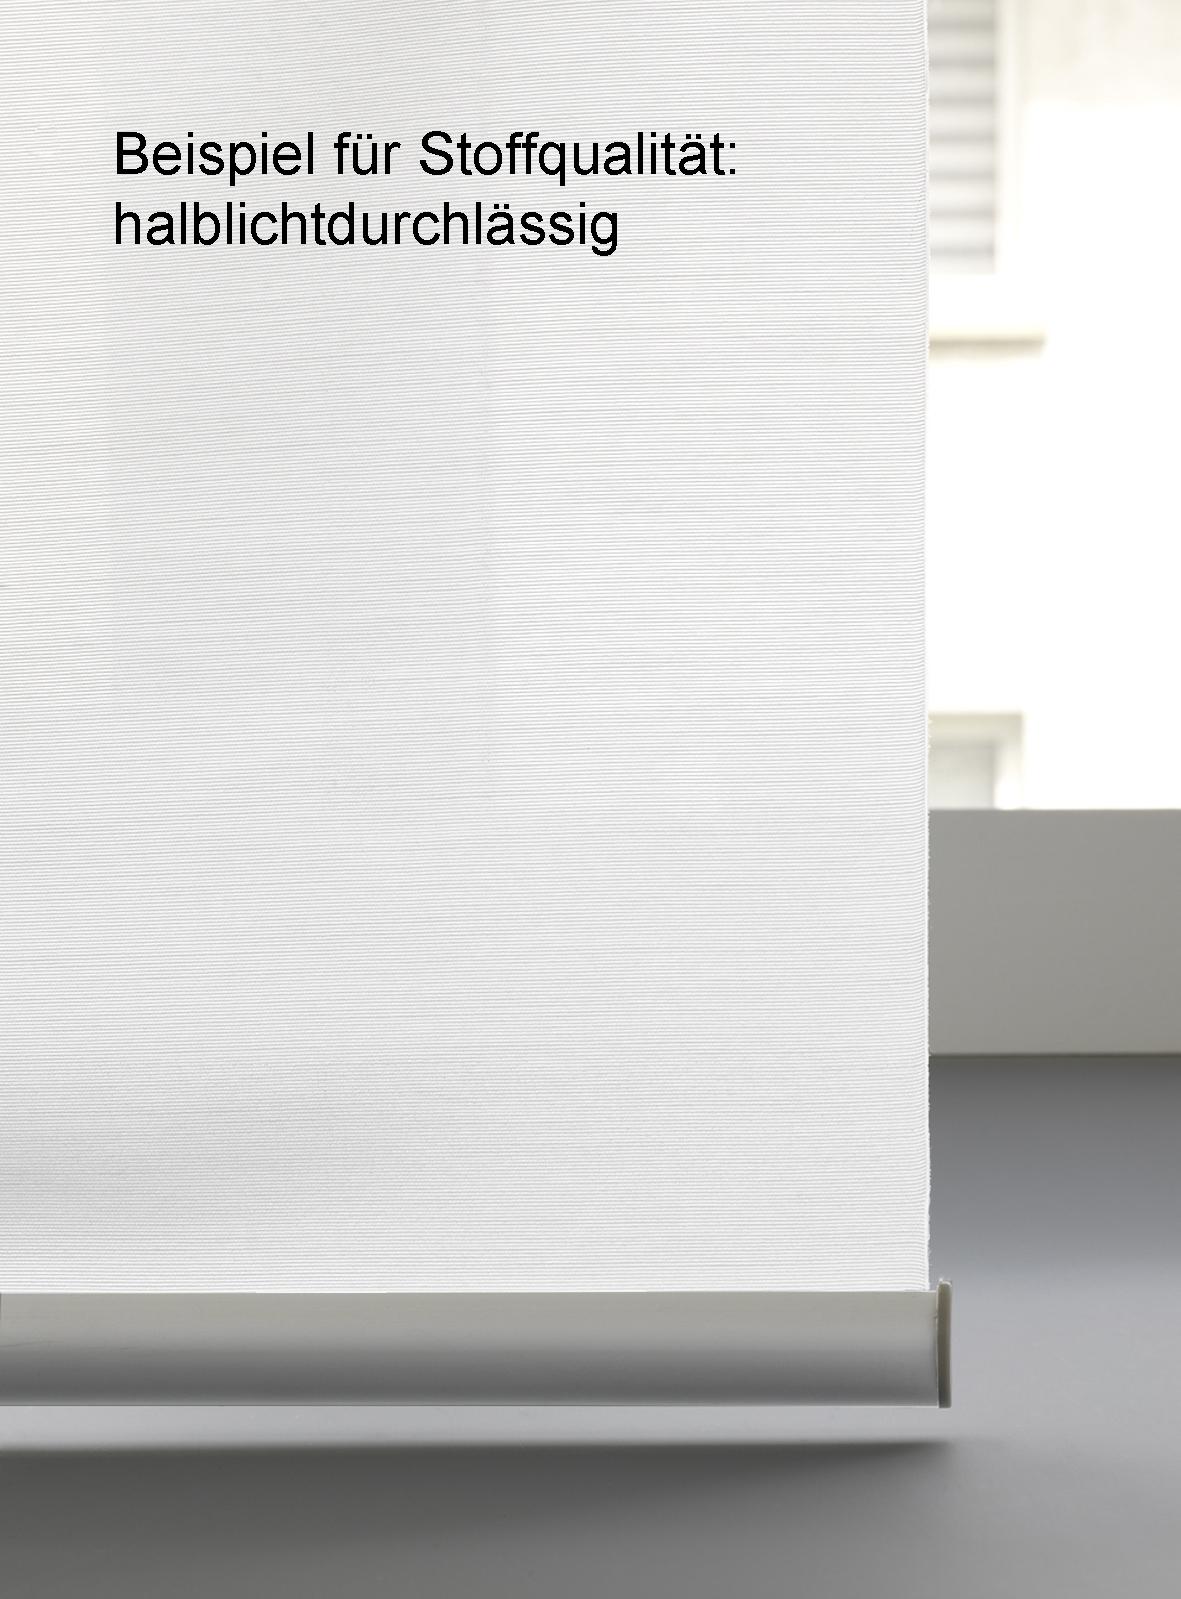 Stoffqualita-t-halblichtdurchla-ssig